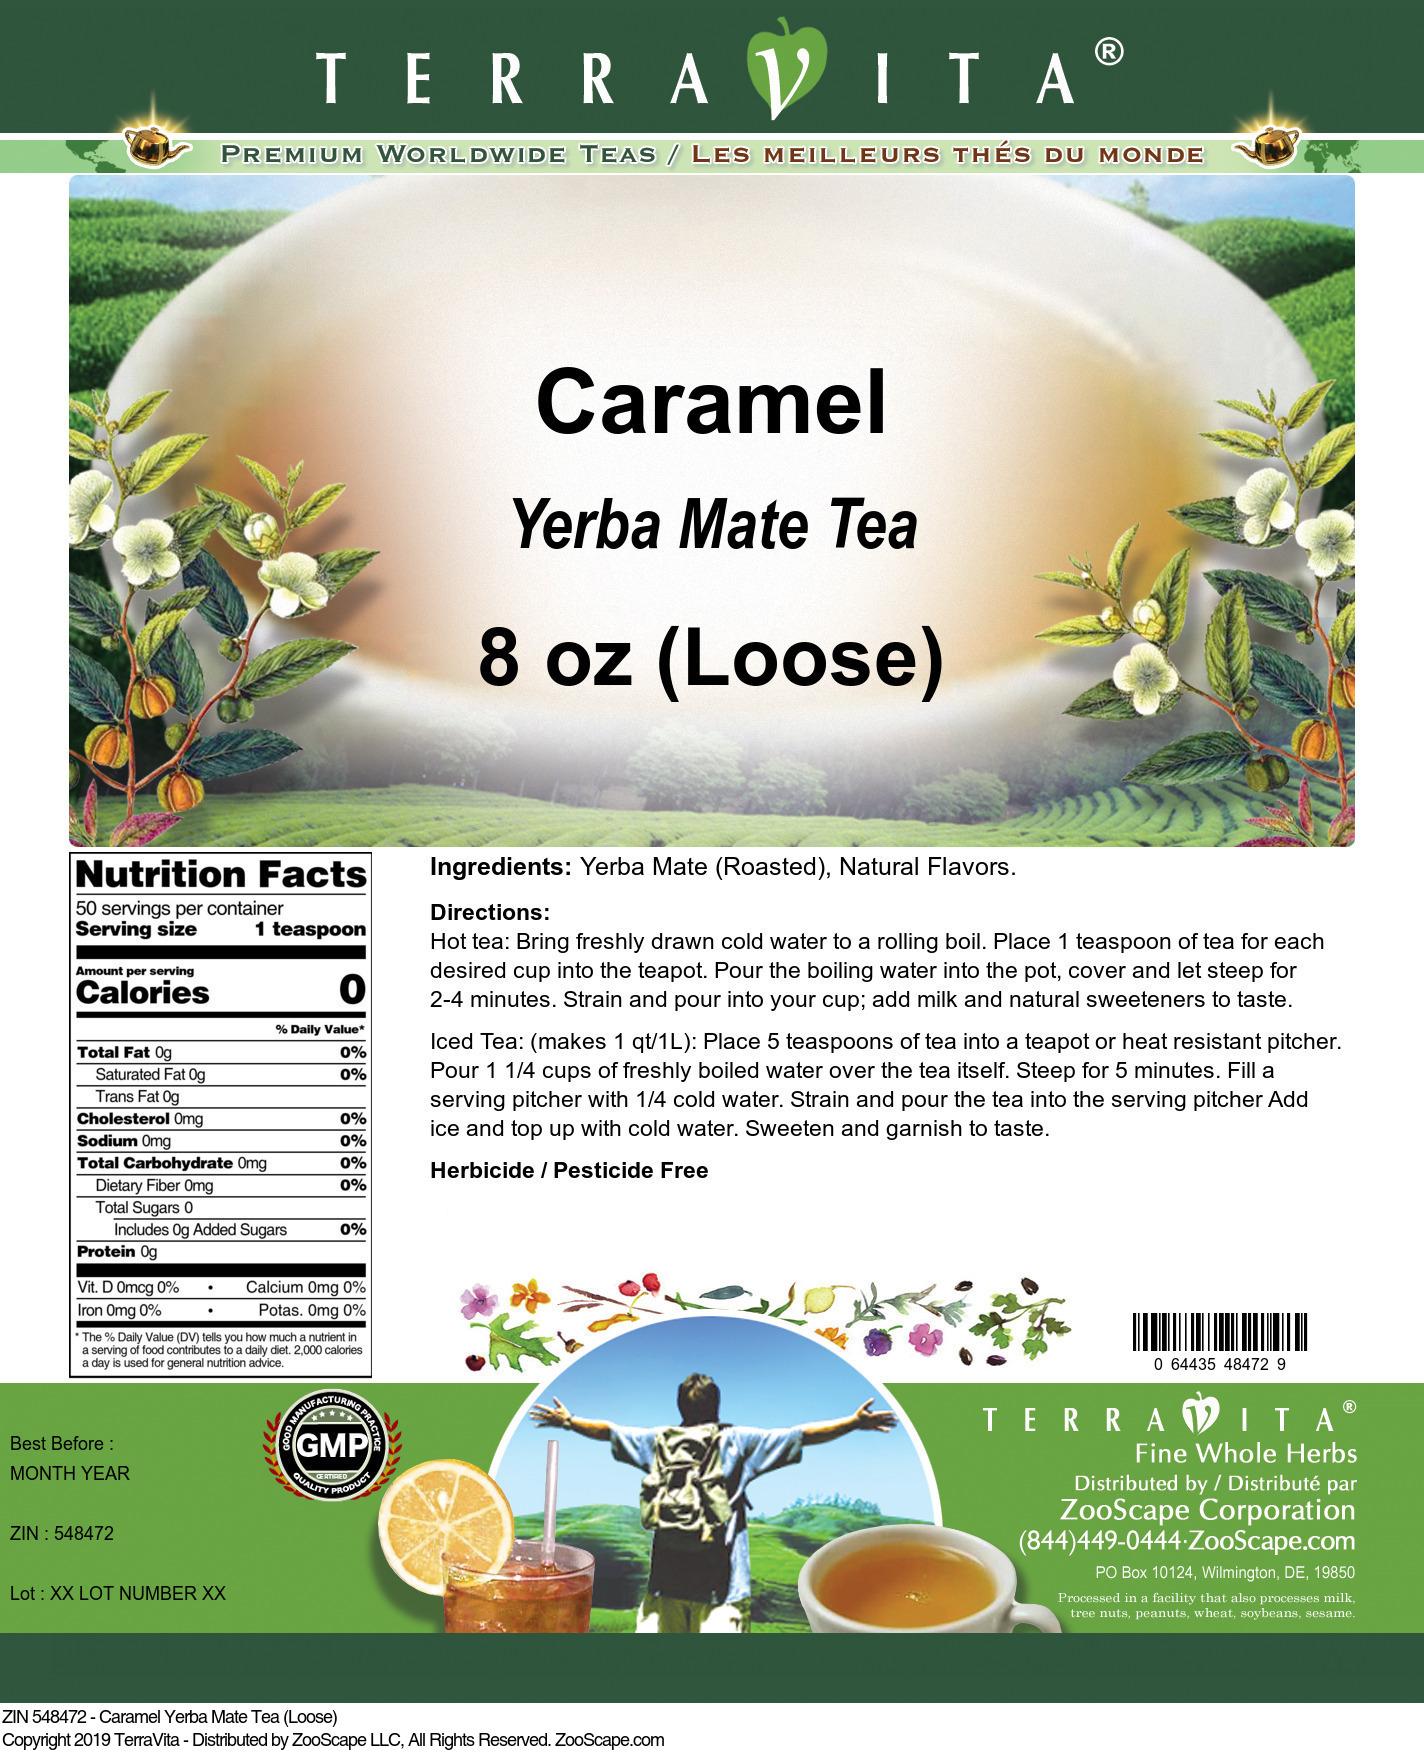 Caramel Yerba Mate Tea (Loose)